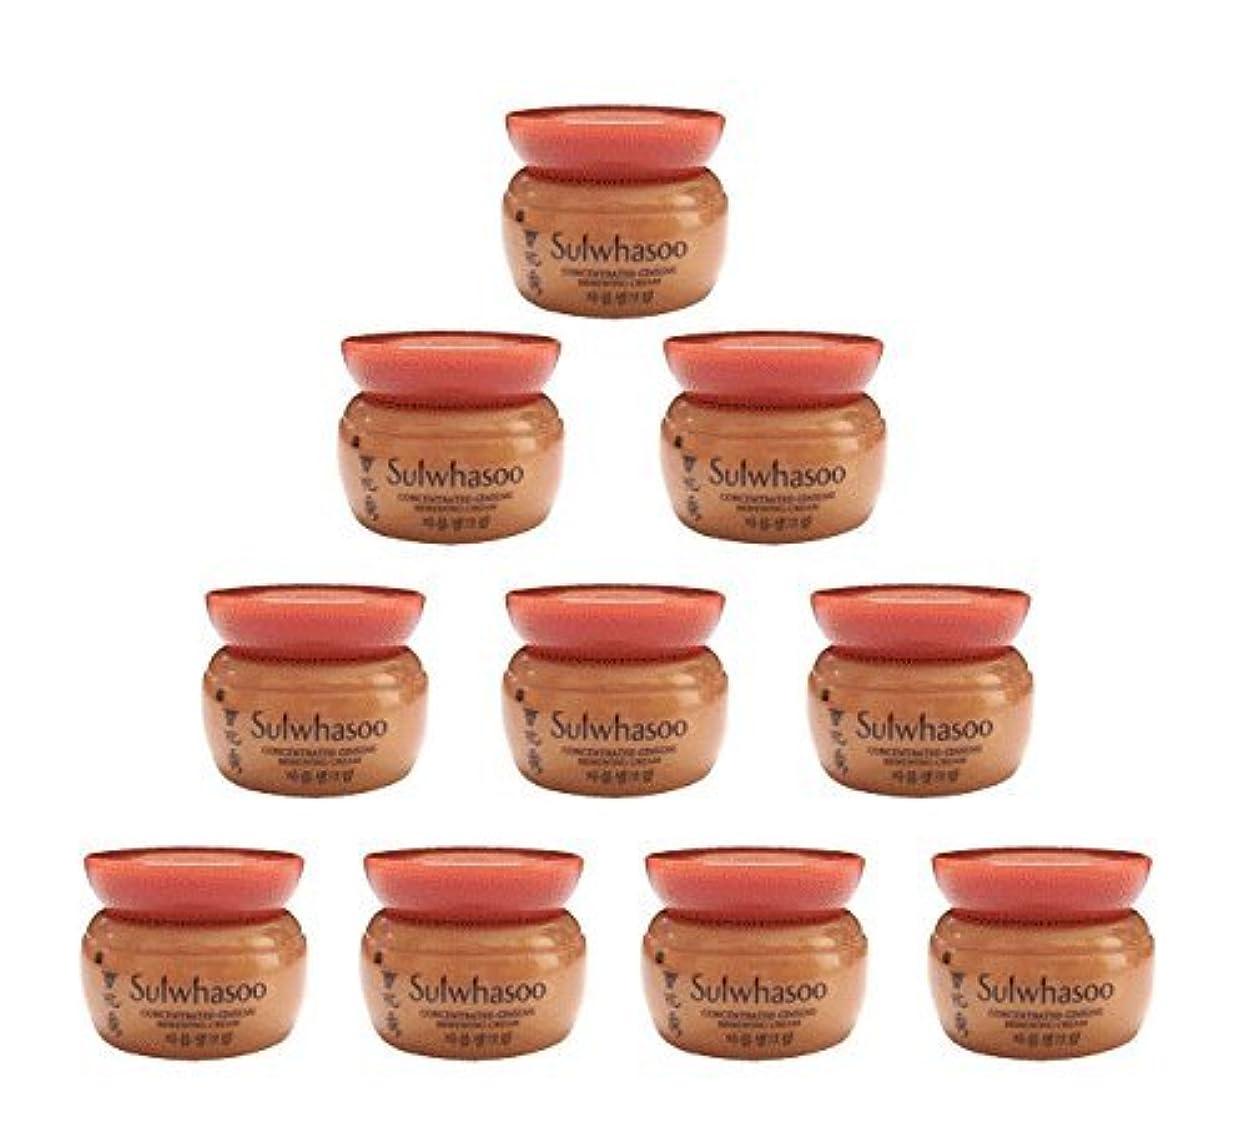 コインナチュラルリップ【ソルファス 雪花秀 Sulwhasoo】 Concentrated Ginseng Renewing Cream(50ml) 5ml x 10個 韓国化粧品 ブランドのサンプル [並行輸入品]